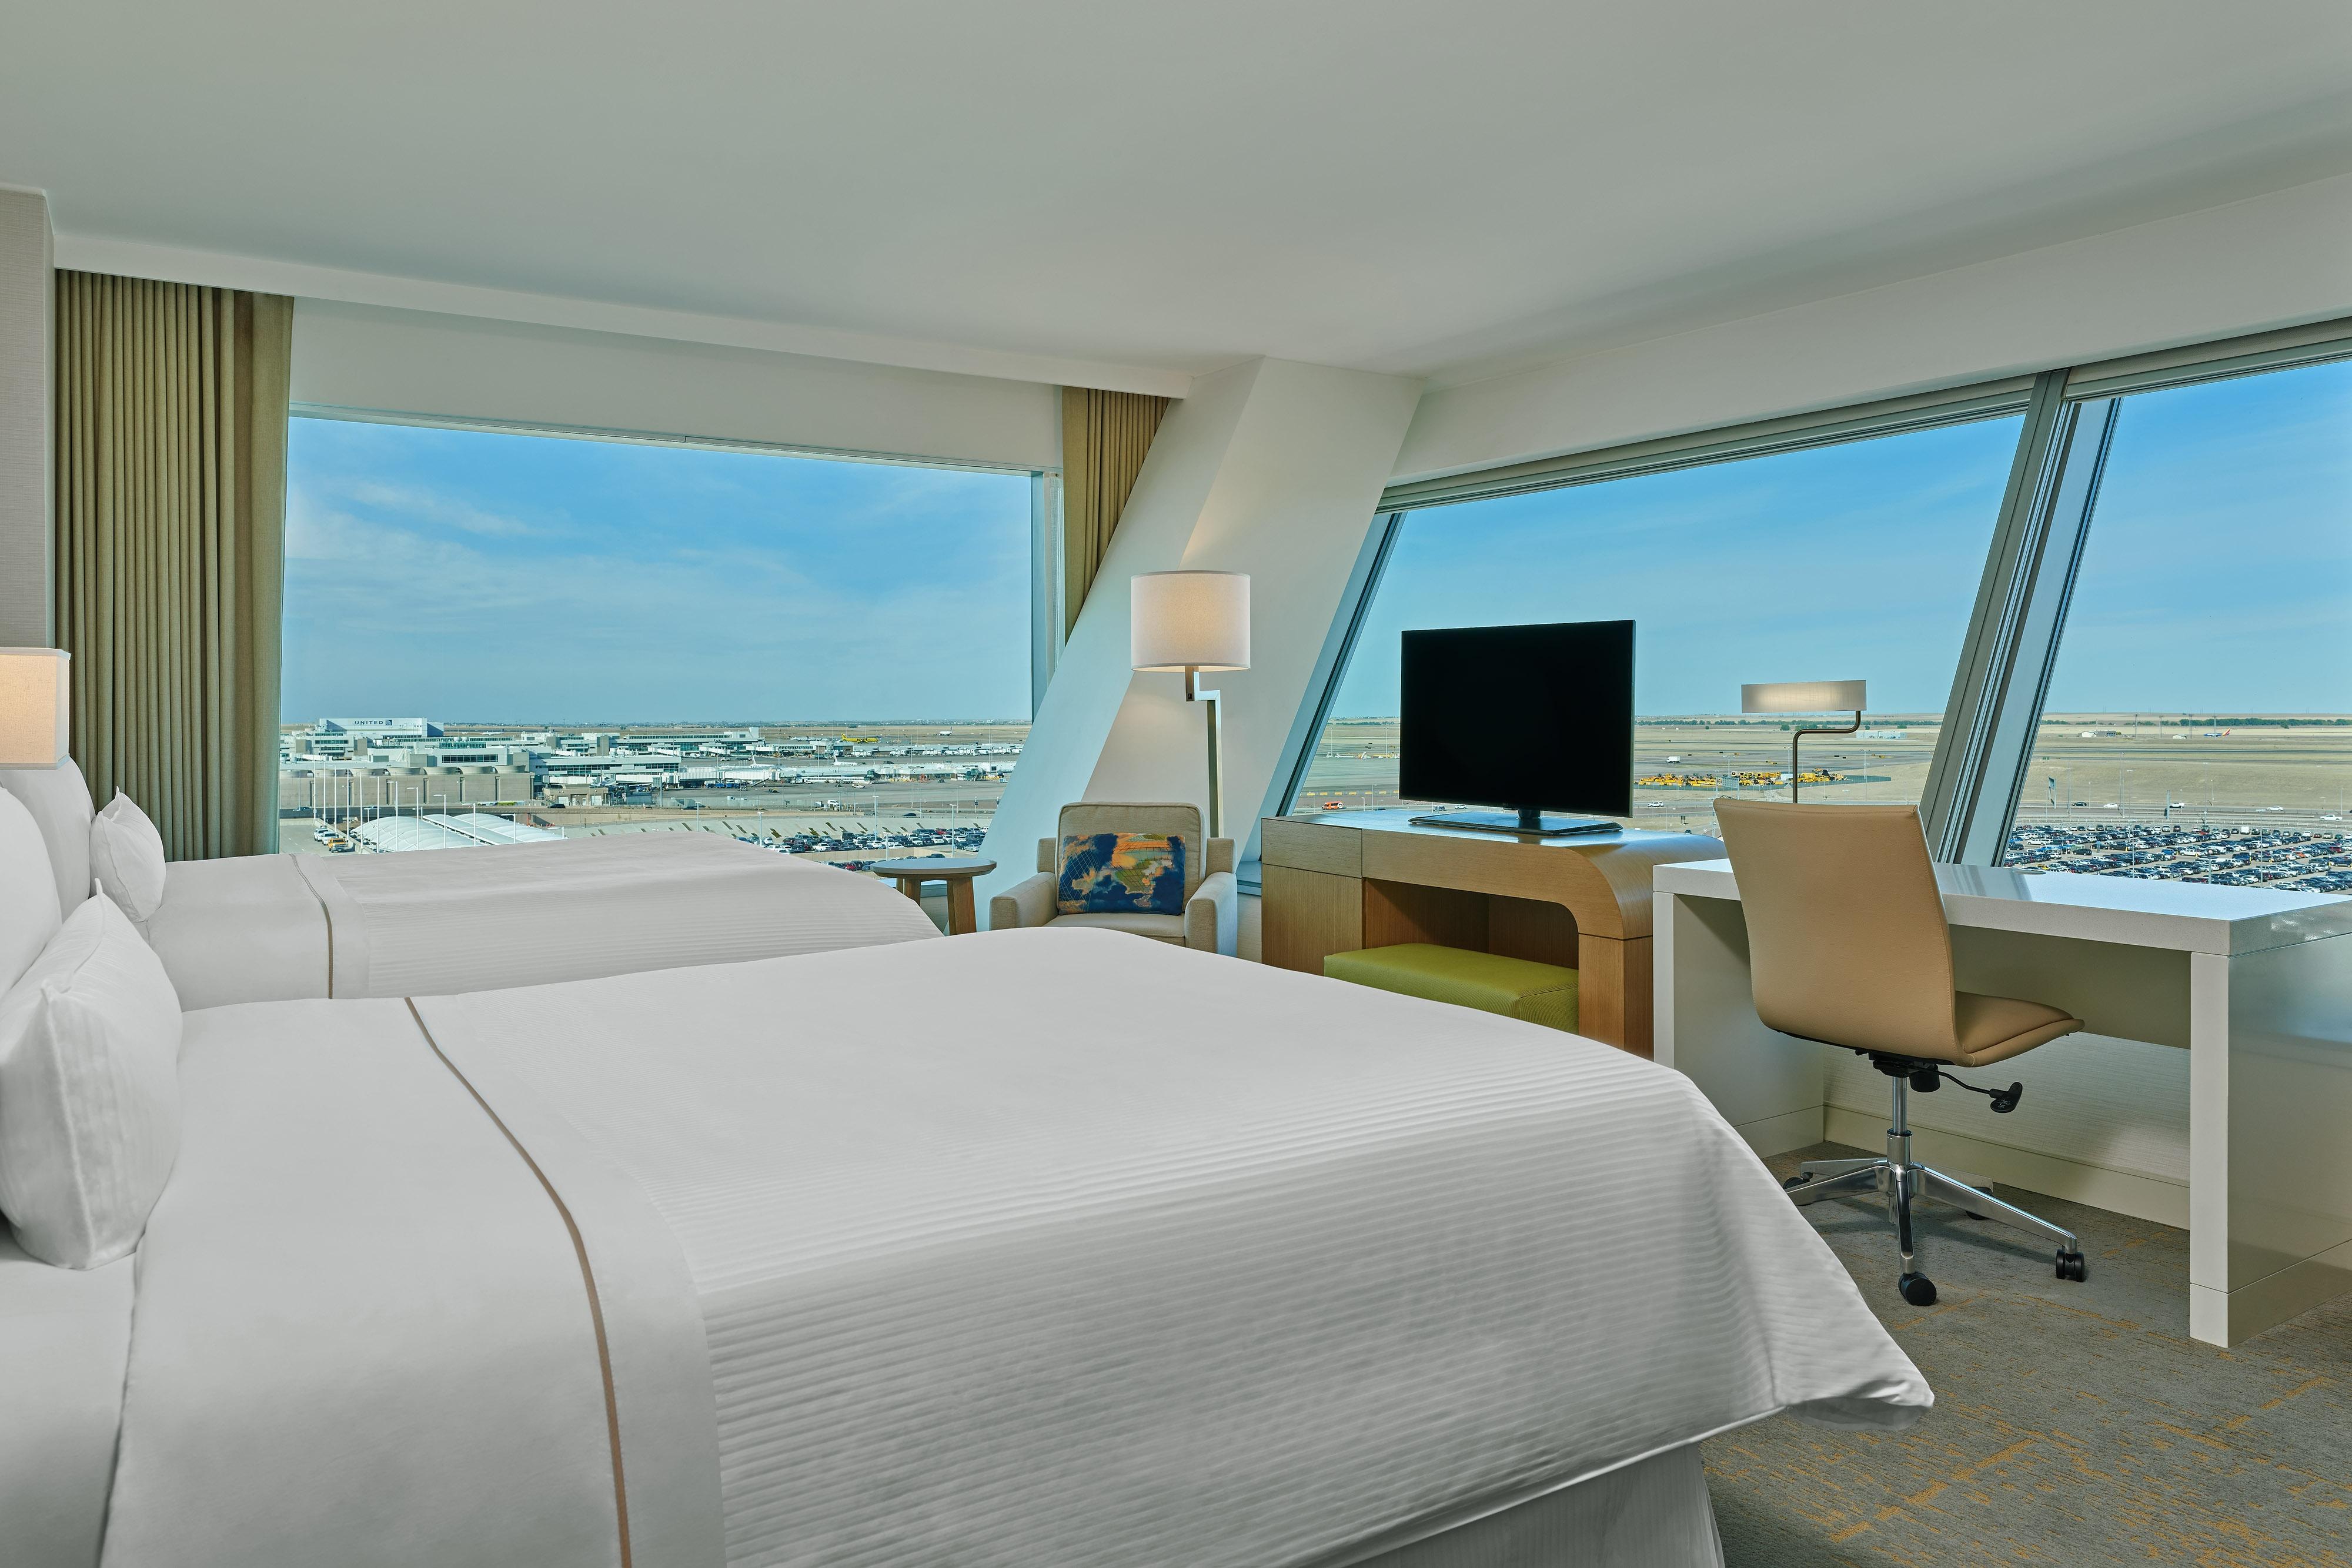 Habitación con dos camas tamaño Queen y vista a la pista de aterrizaje